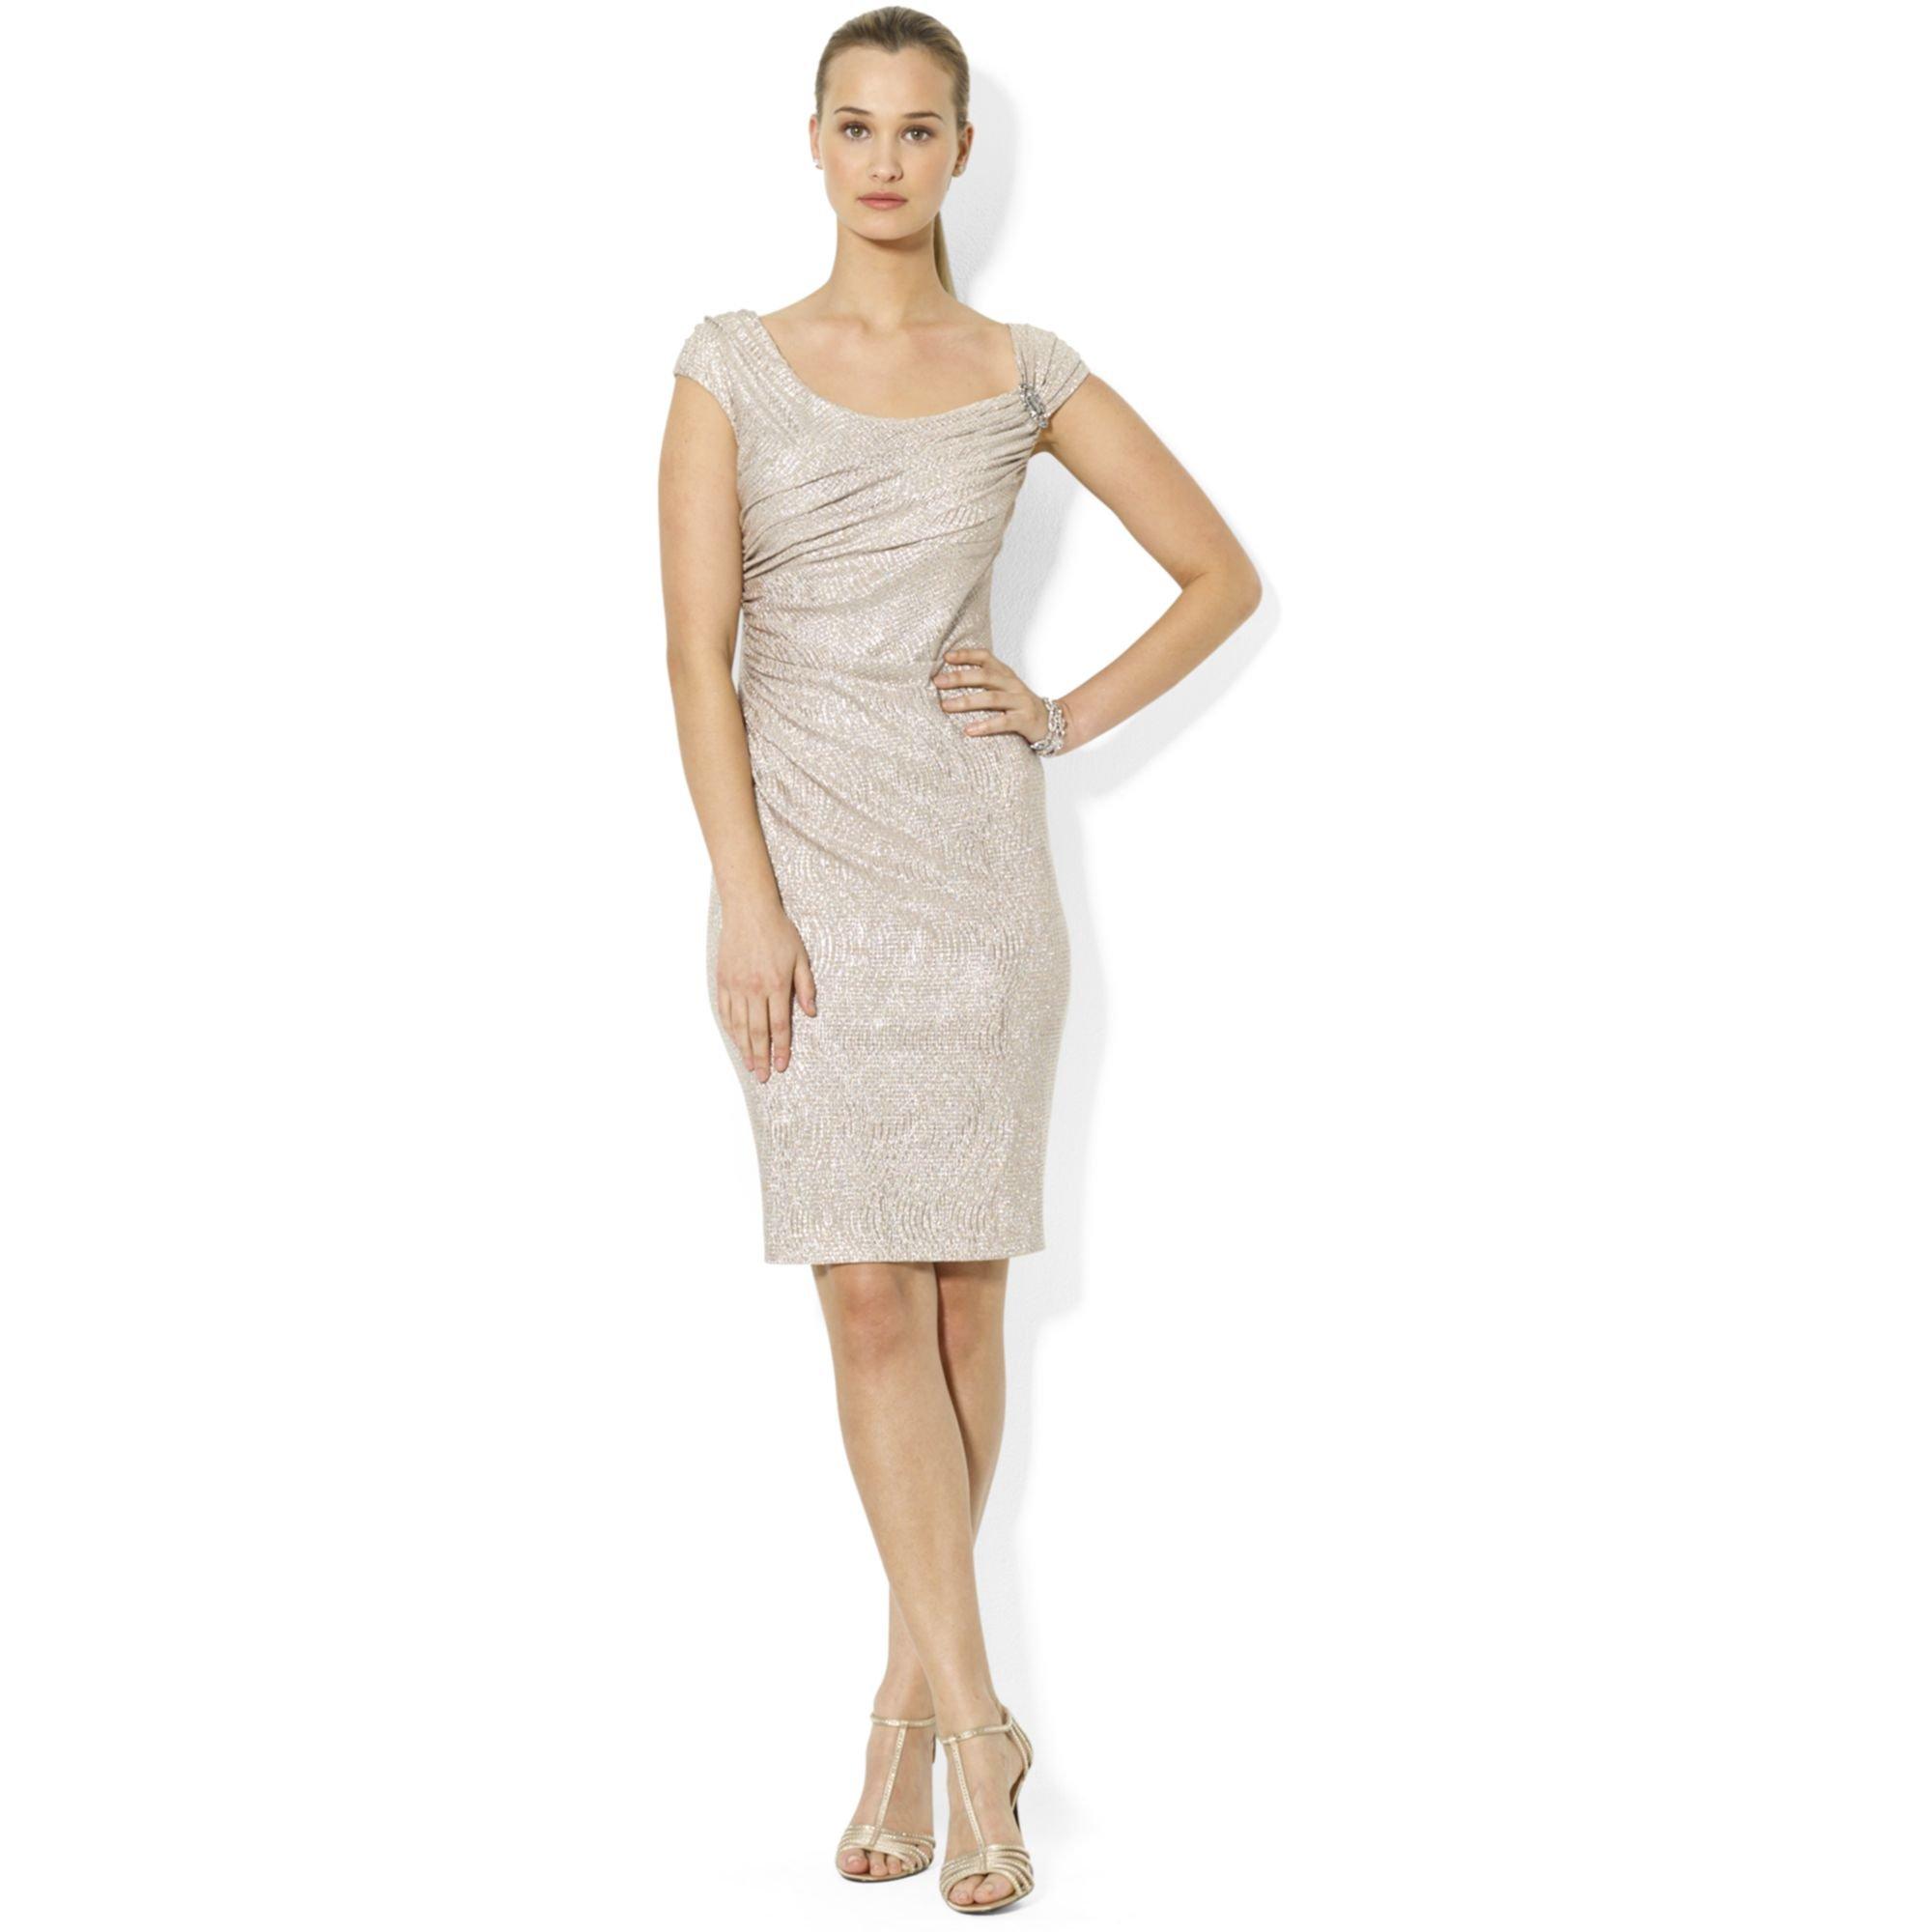 Lyst - Lauren By Ralph Lauren Capsleeve Metallic Cocktail Dress in White